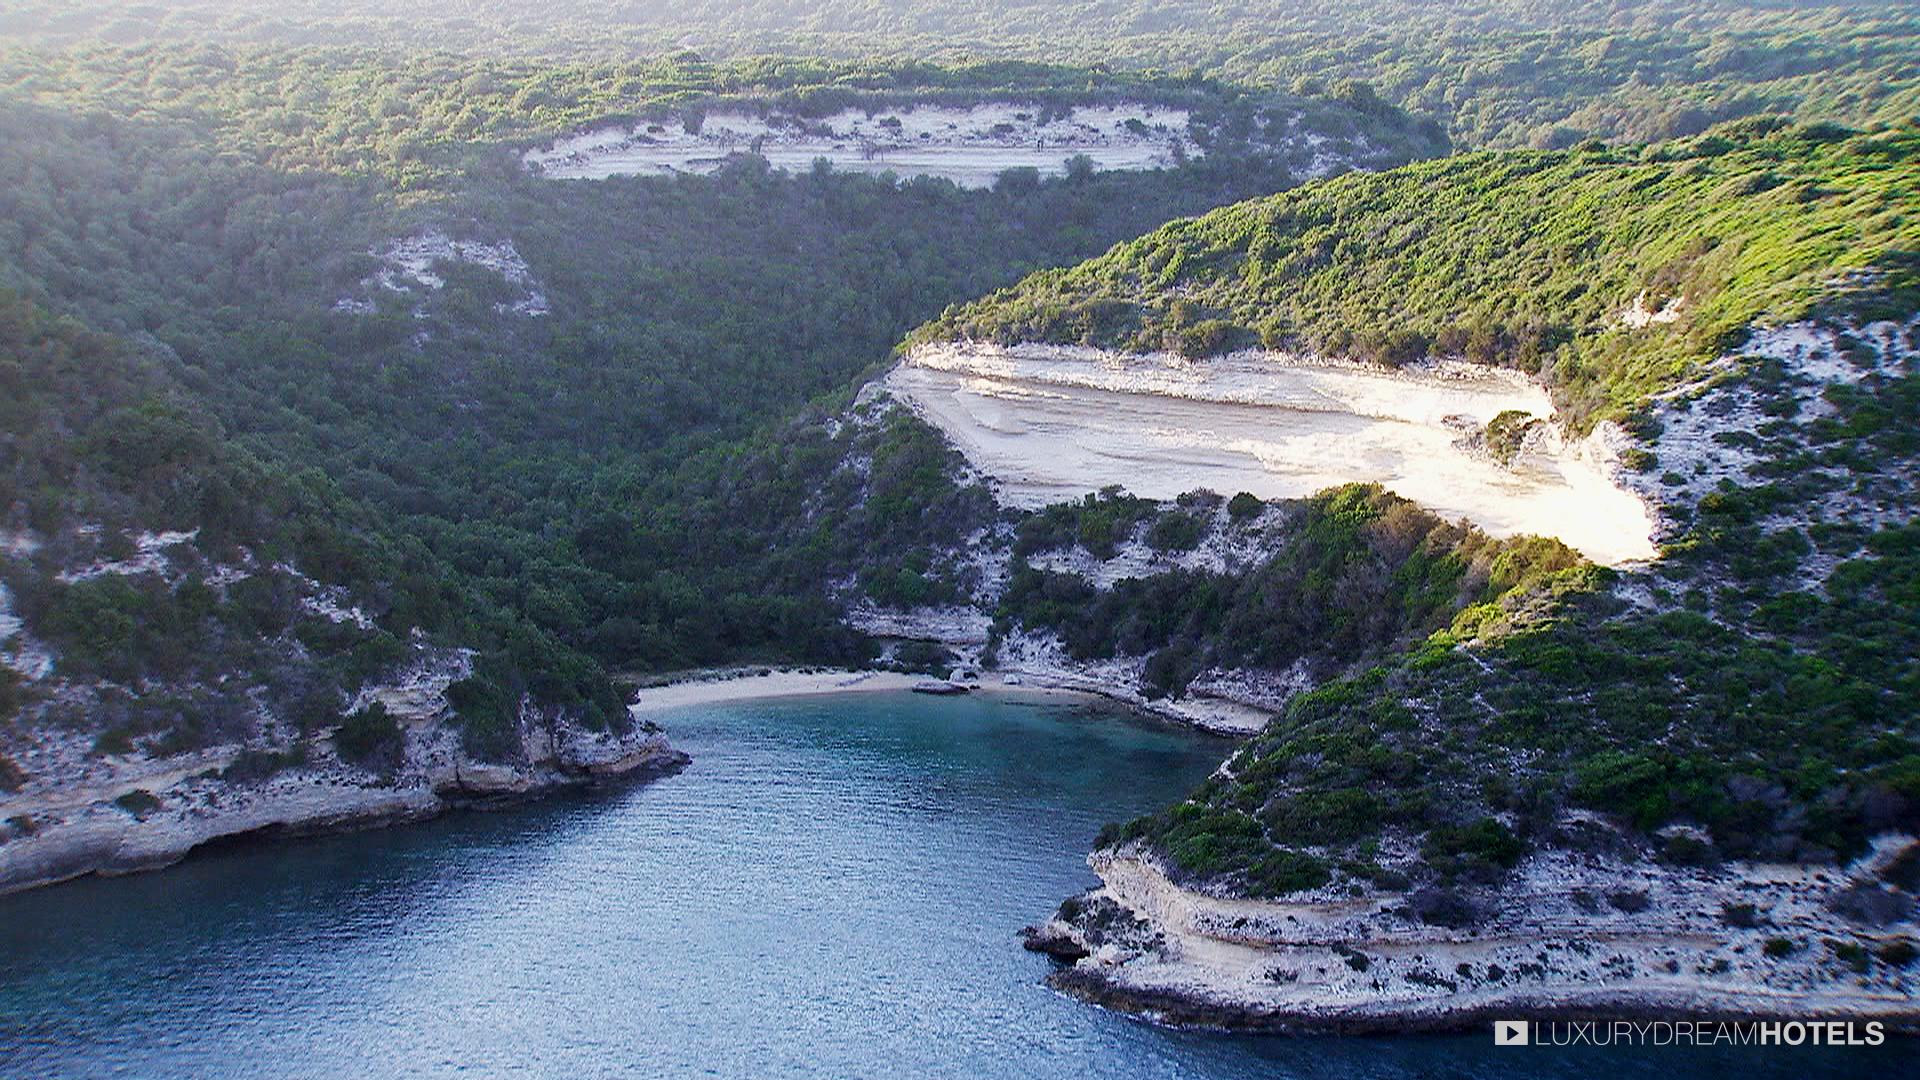 Luxury Hotel U Capu Biancu Bonifacio Corse France Luxury Dream Hotels